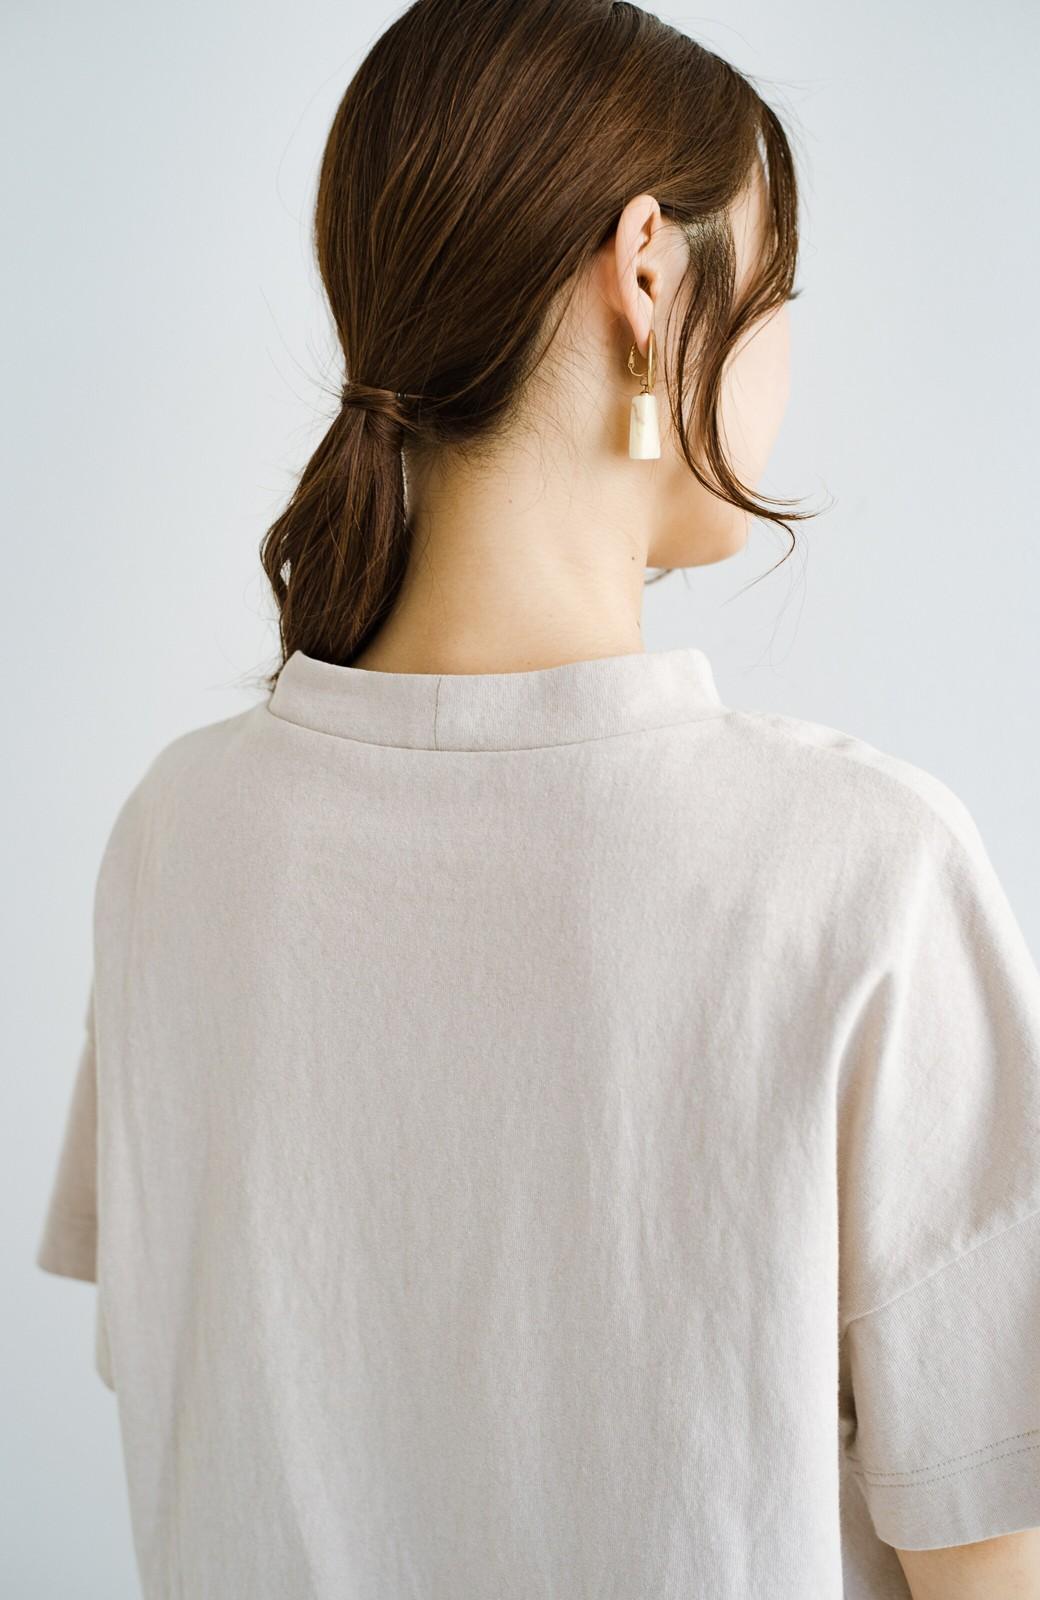 haco! じゃぶじゃぶ洗えて毎日づかいに便利!コーデに迷わず便利なモックネックTシャツ <ベージュ>の商品写真8